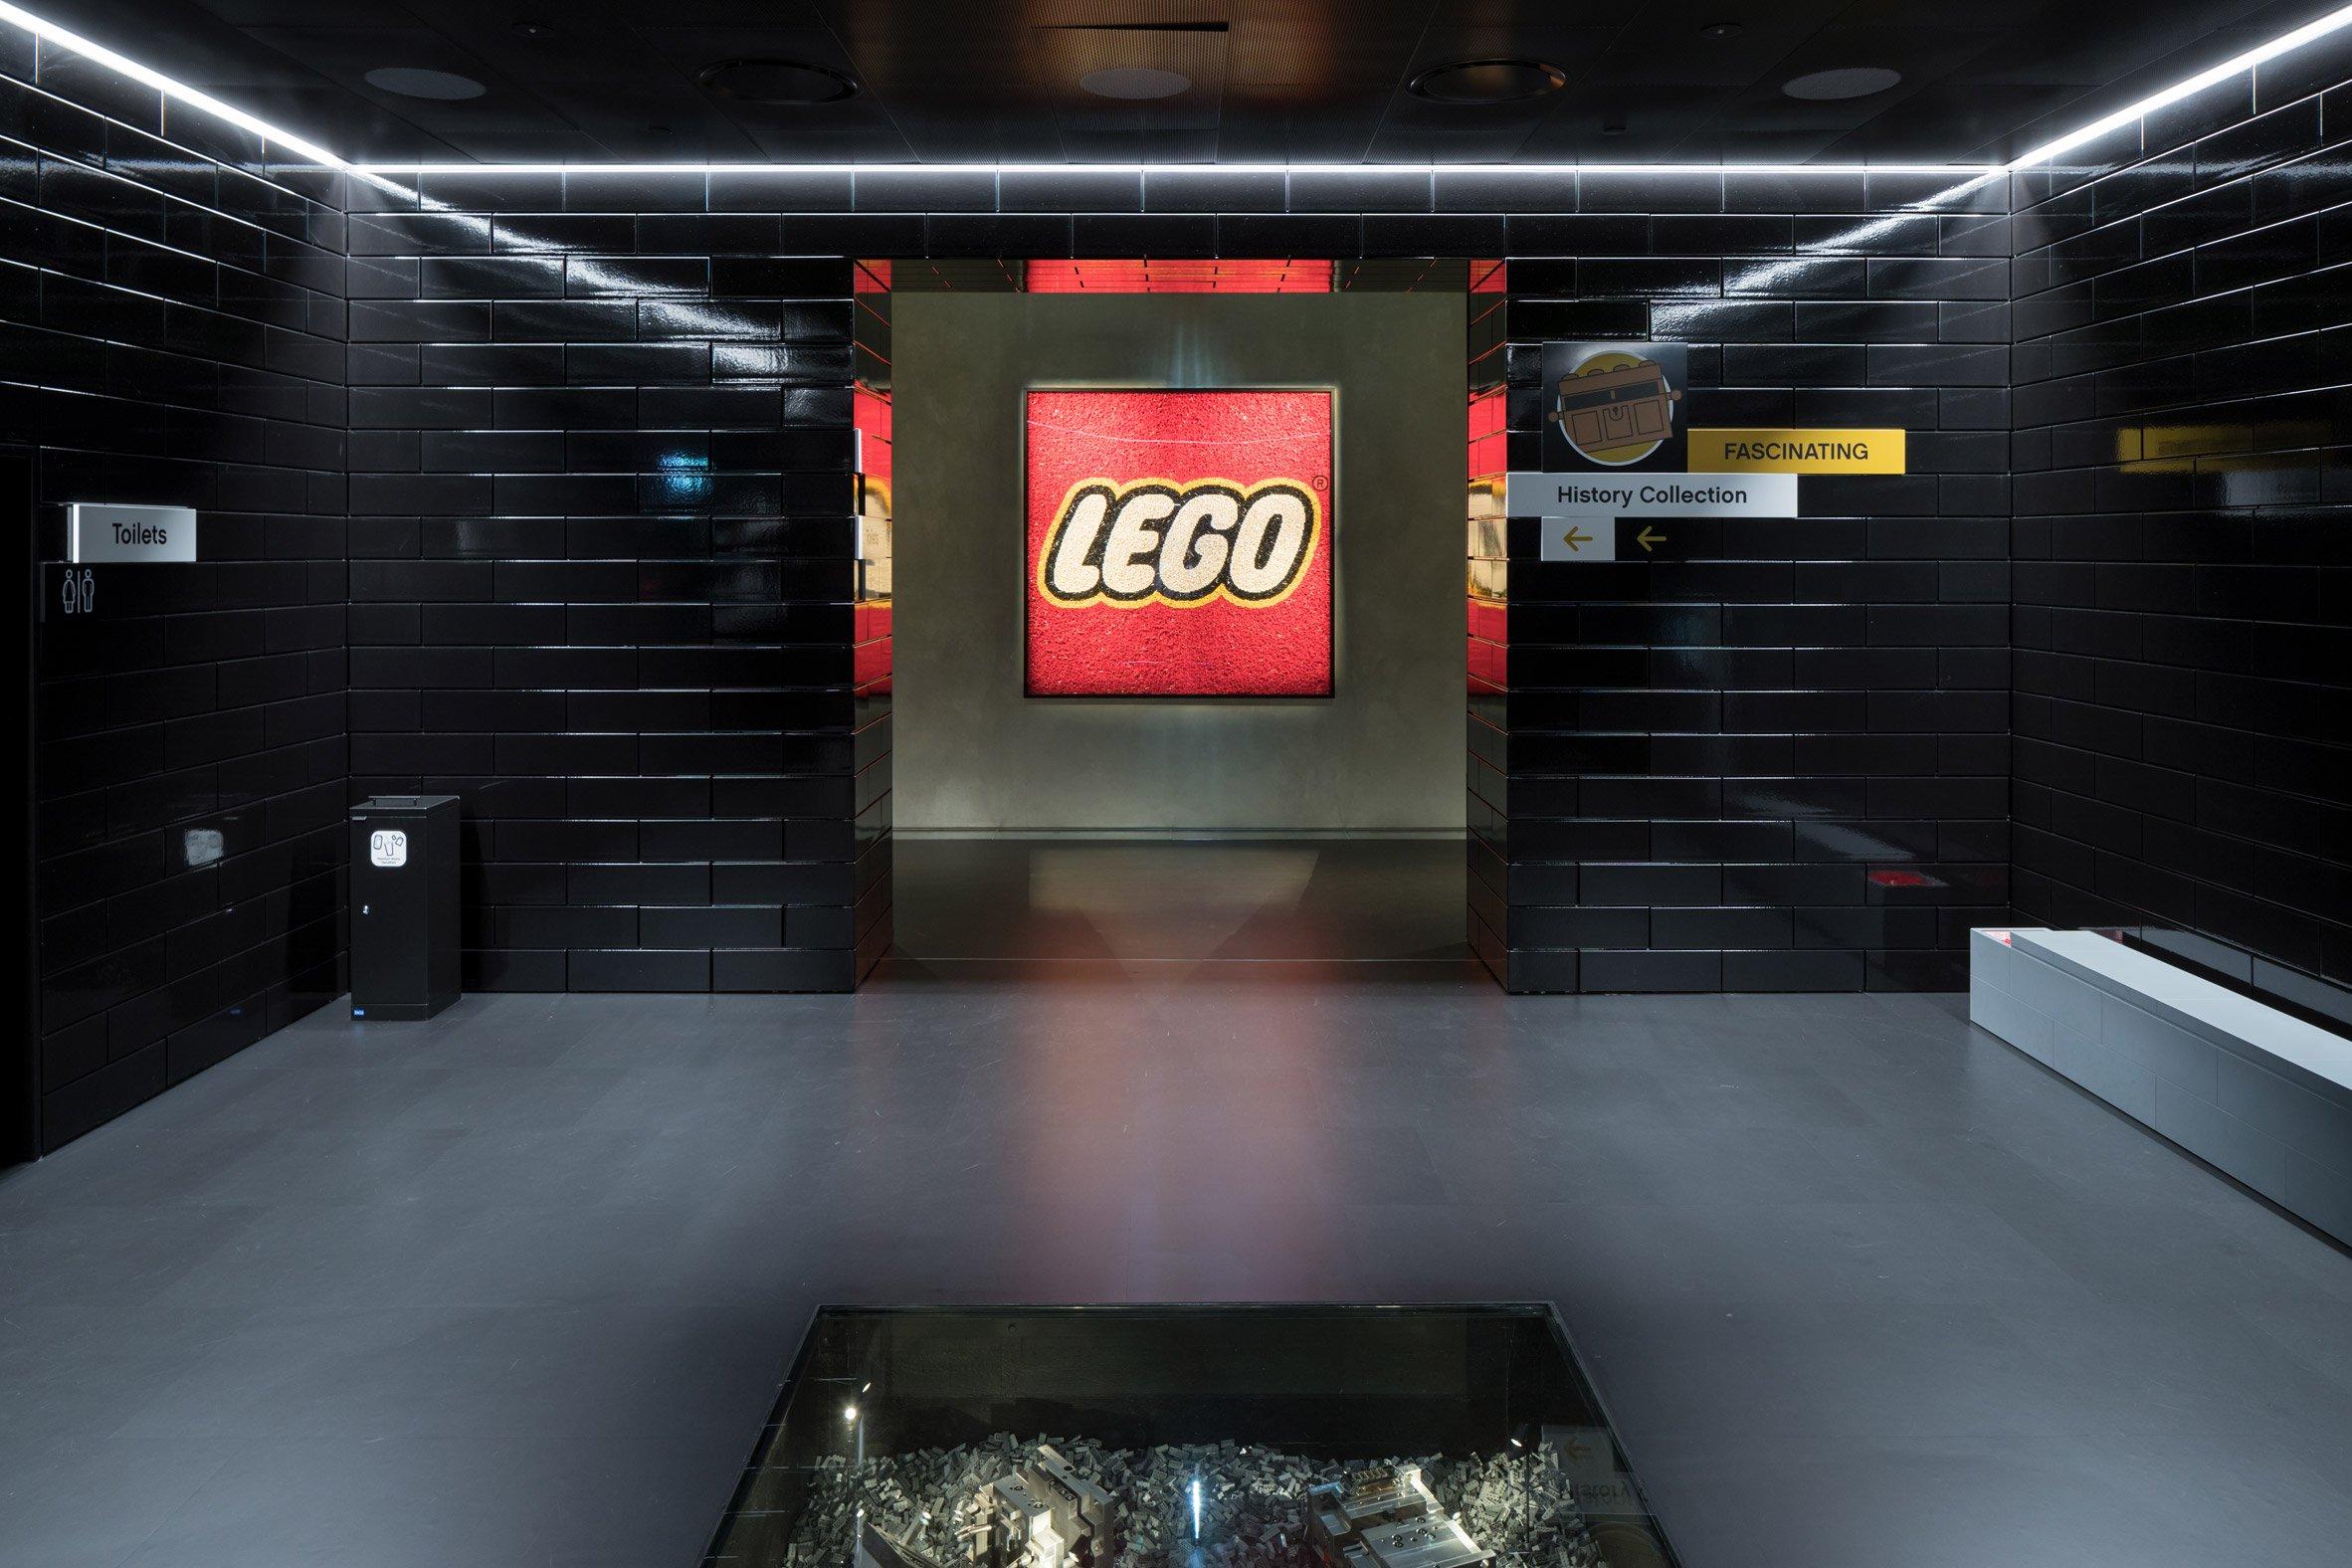 lego-house-big-photographs-iwan-baan-billund-denmark-architecture_dezeen_2364_col_10.jpg